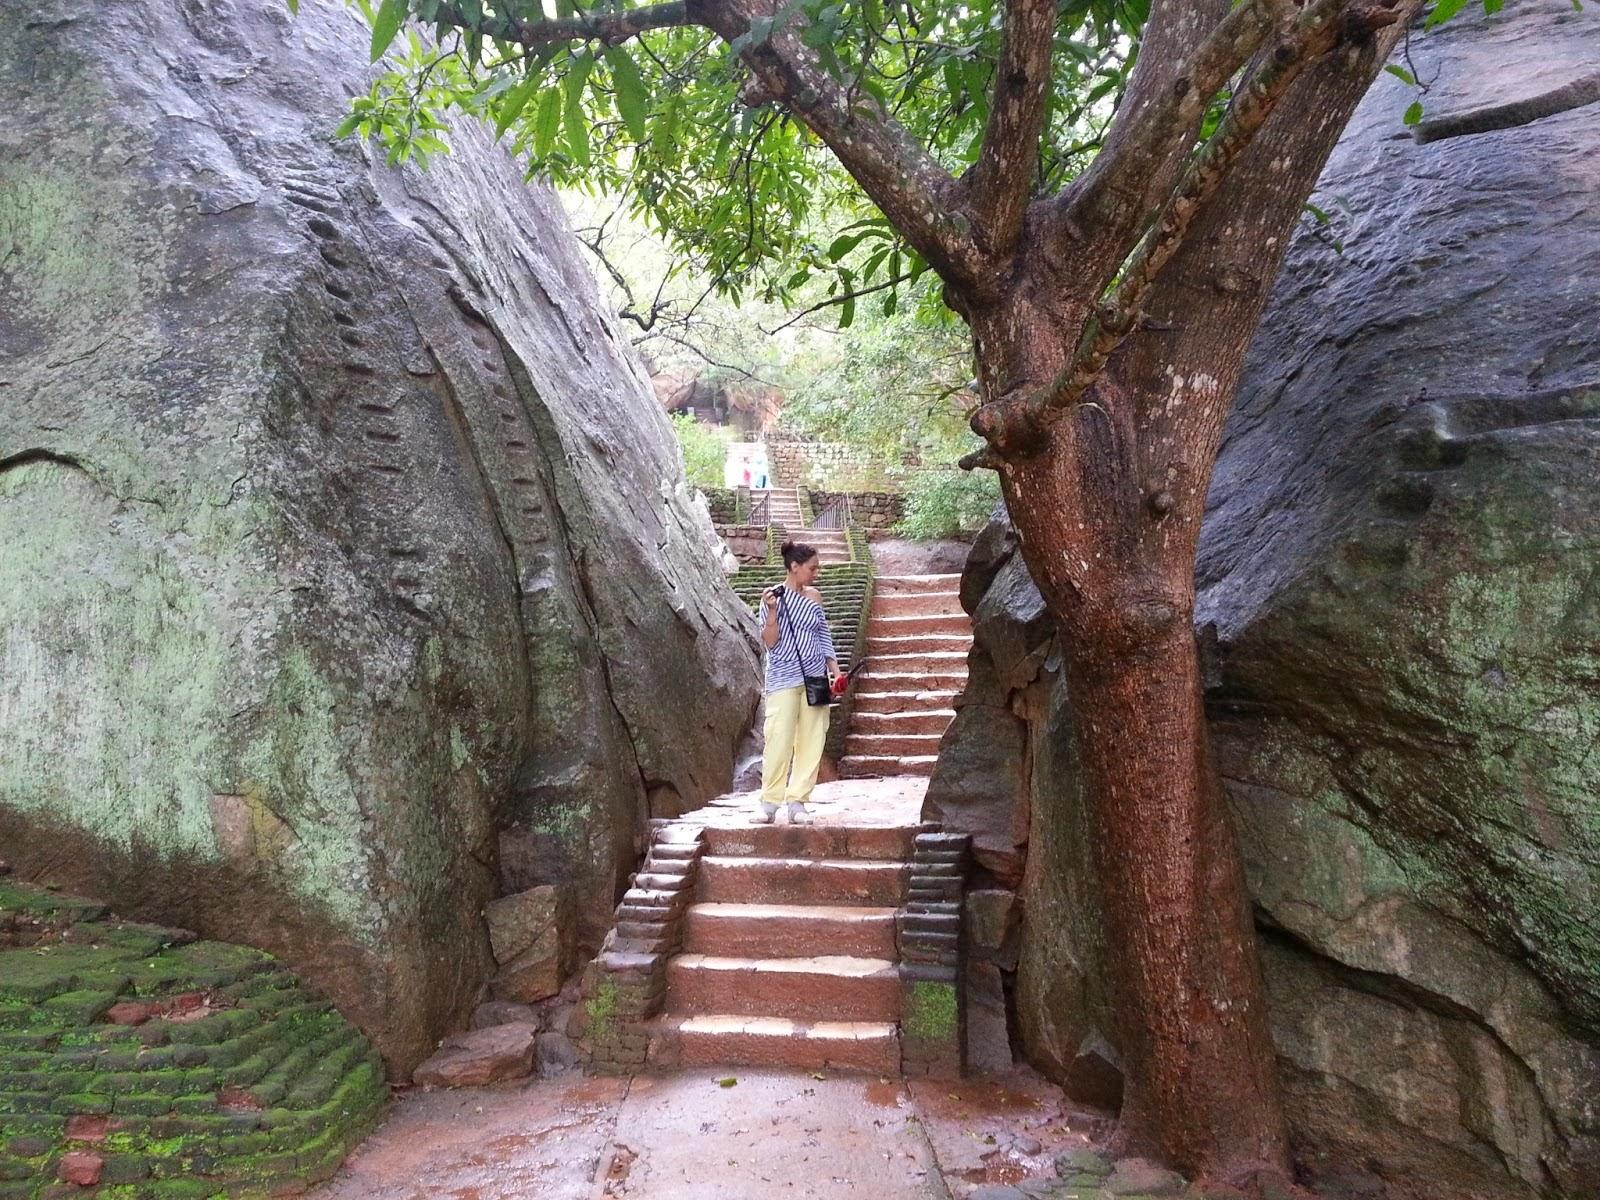 Сигирия Каменные Сады, Шри-Ланка, огромные камни вдоль извилистой тропы, мощеная дорога